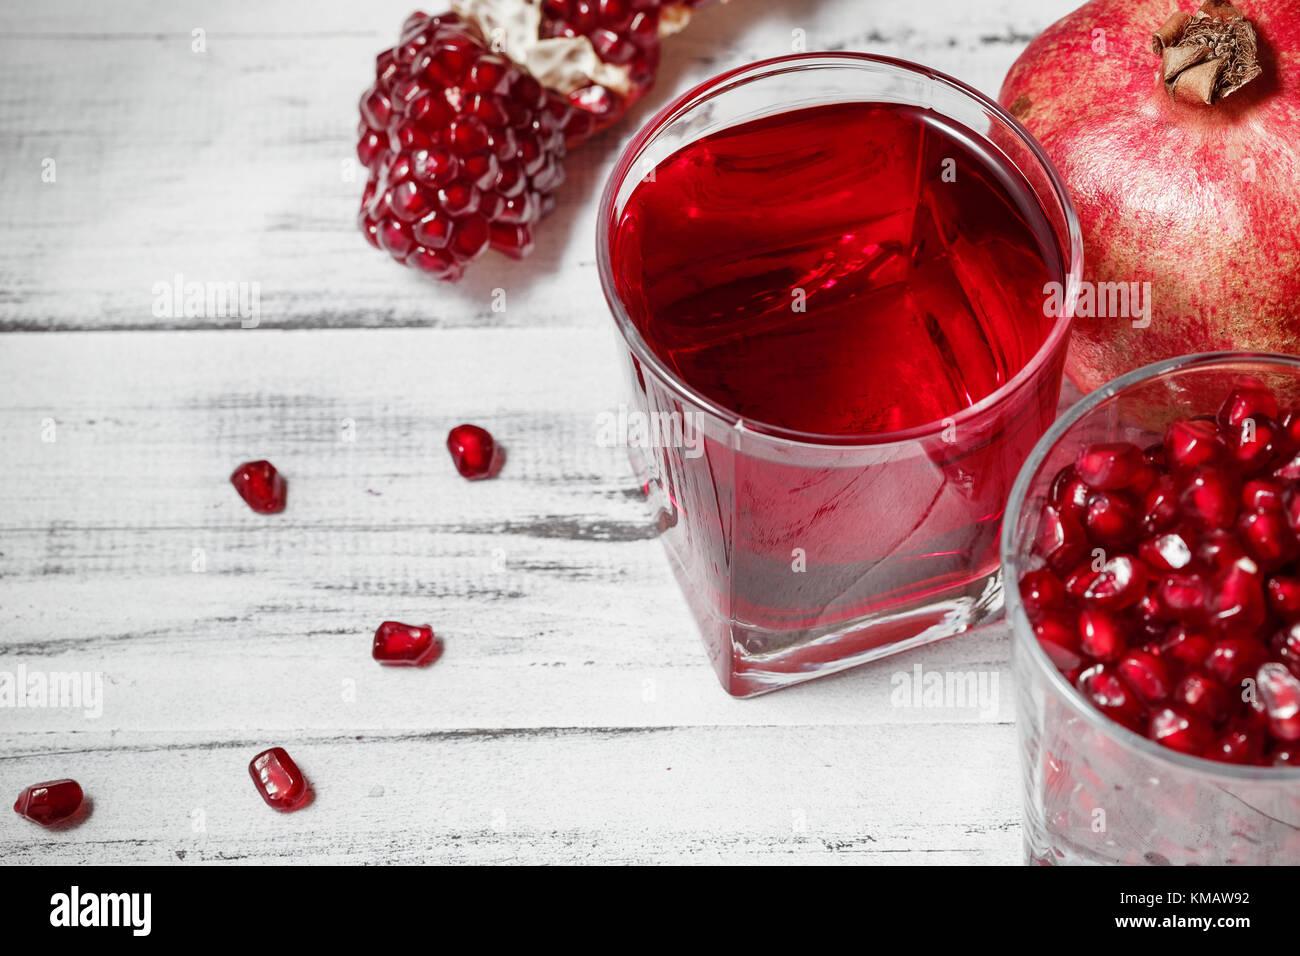 Bicchiere di succo di melograno e un altro riempito con semi con fresca frutta melograno e semi sparsi sul tavolo Immagini Stock